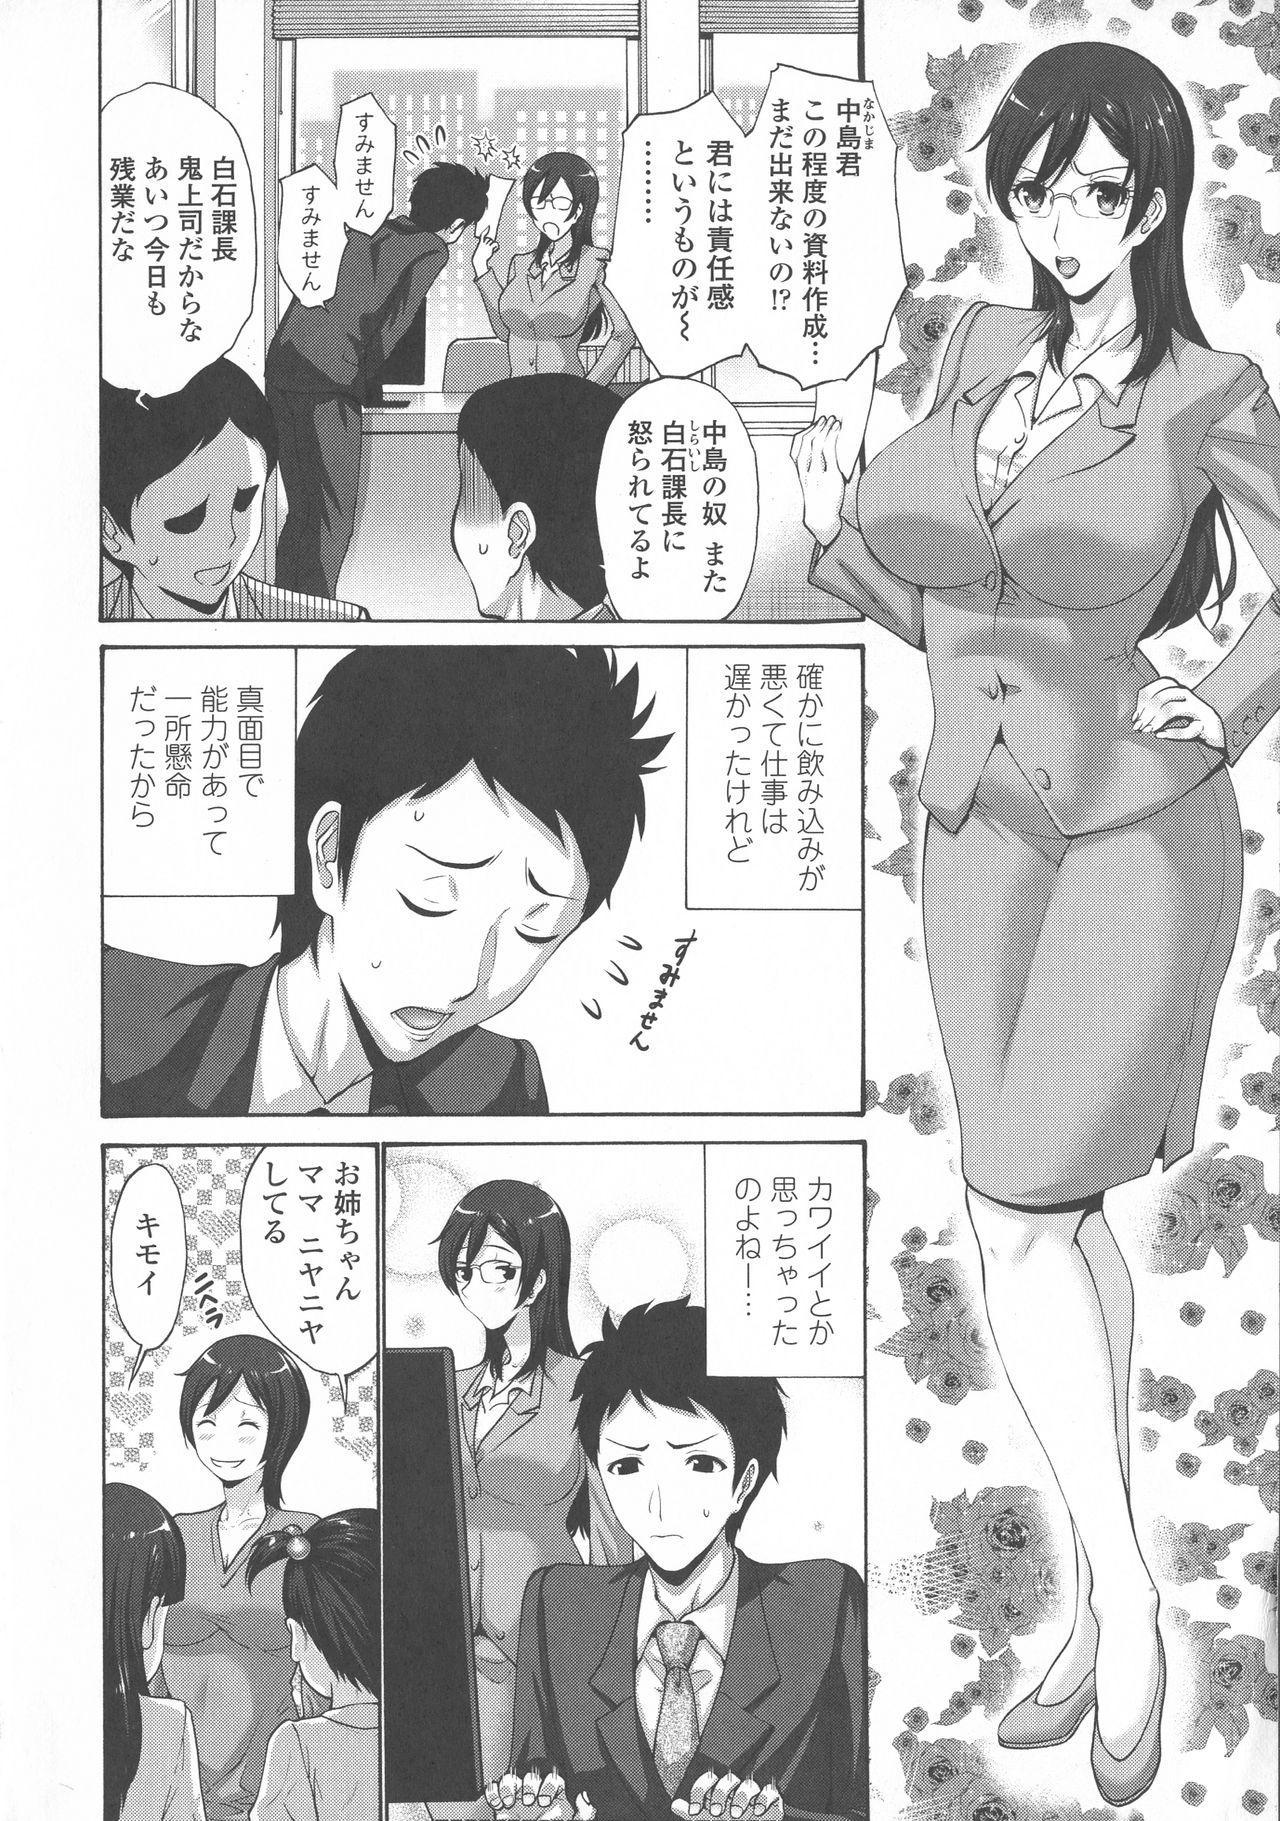 Tomodachi no Haha wa Boku no Mono - His Mother is My Love Hole 214